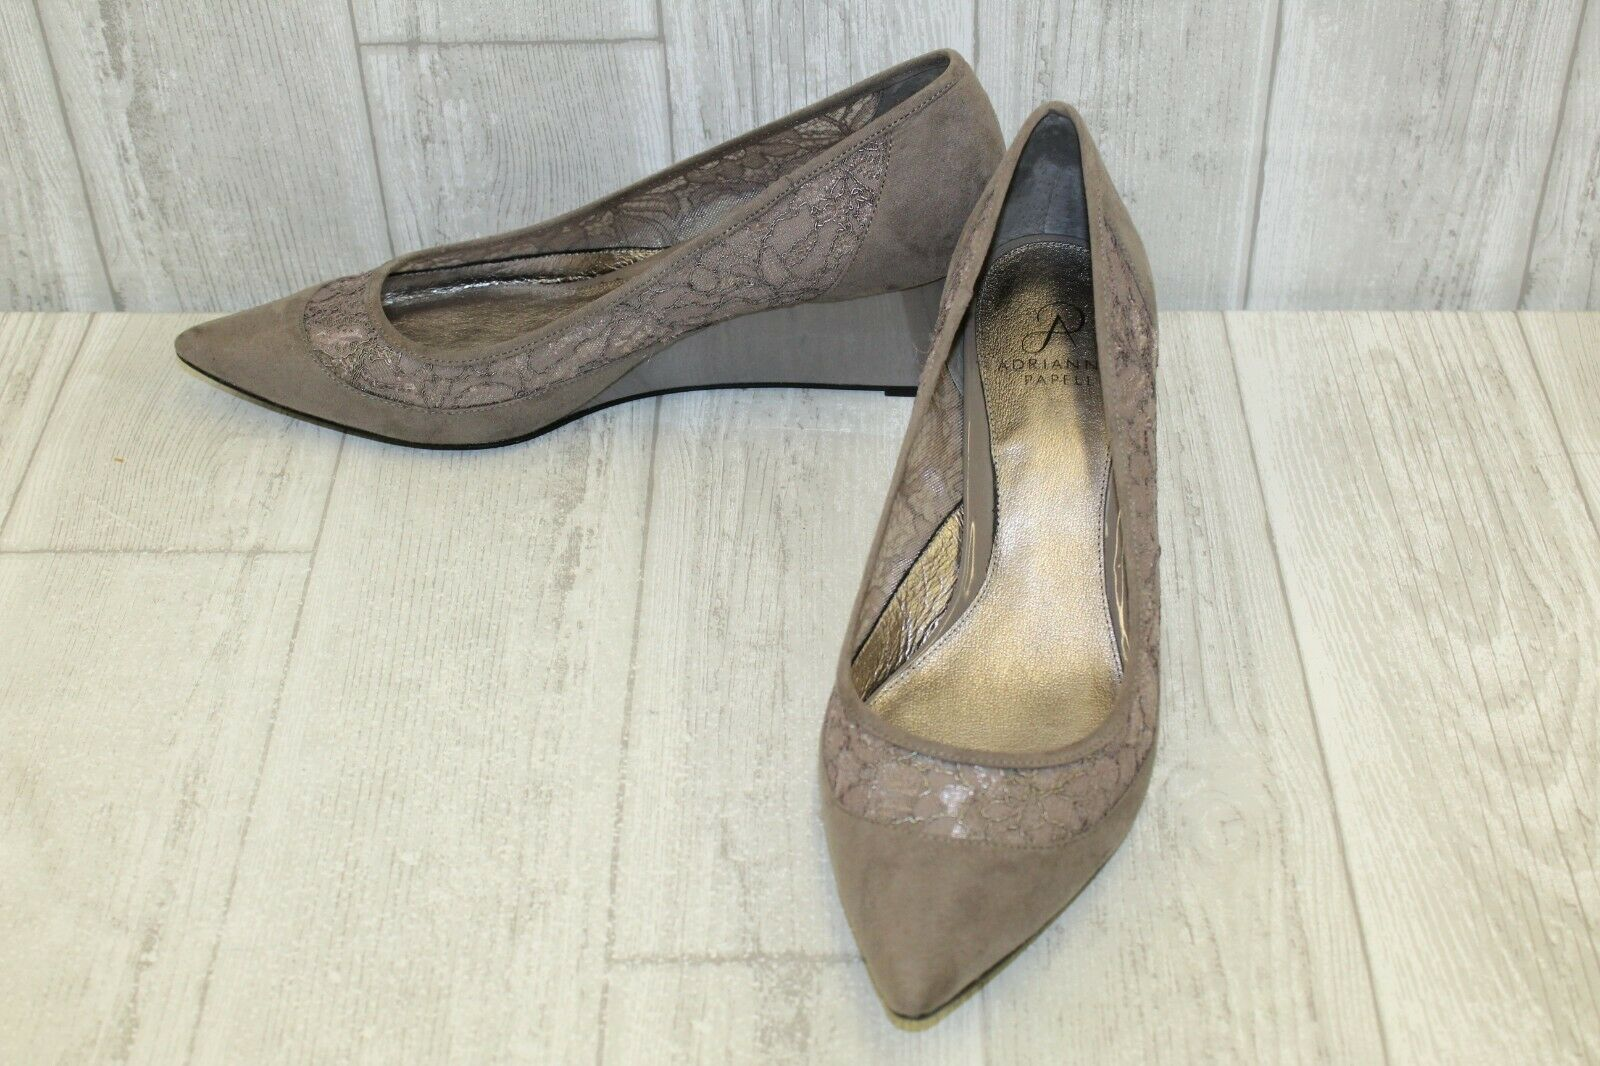 negozio d'offerta Adrianna Papell Langley Pointed Toe Heels - - - Donna  Dimensione 11M - grigio  essere molto richiesto